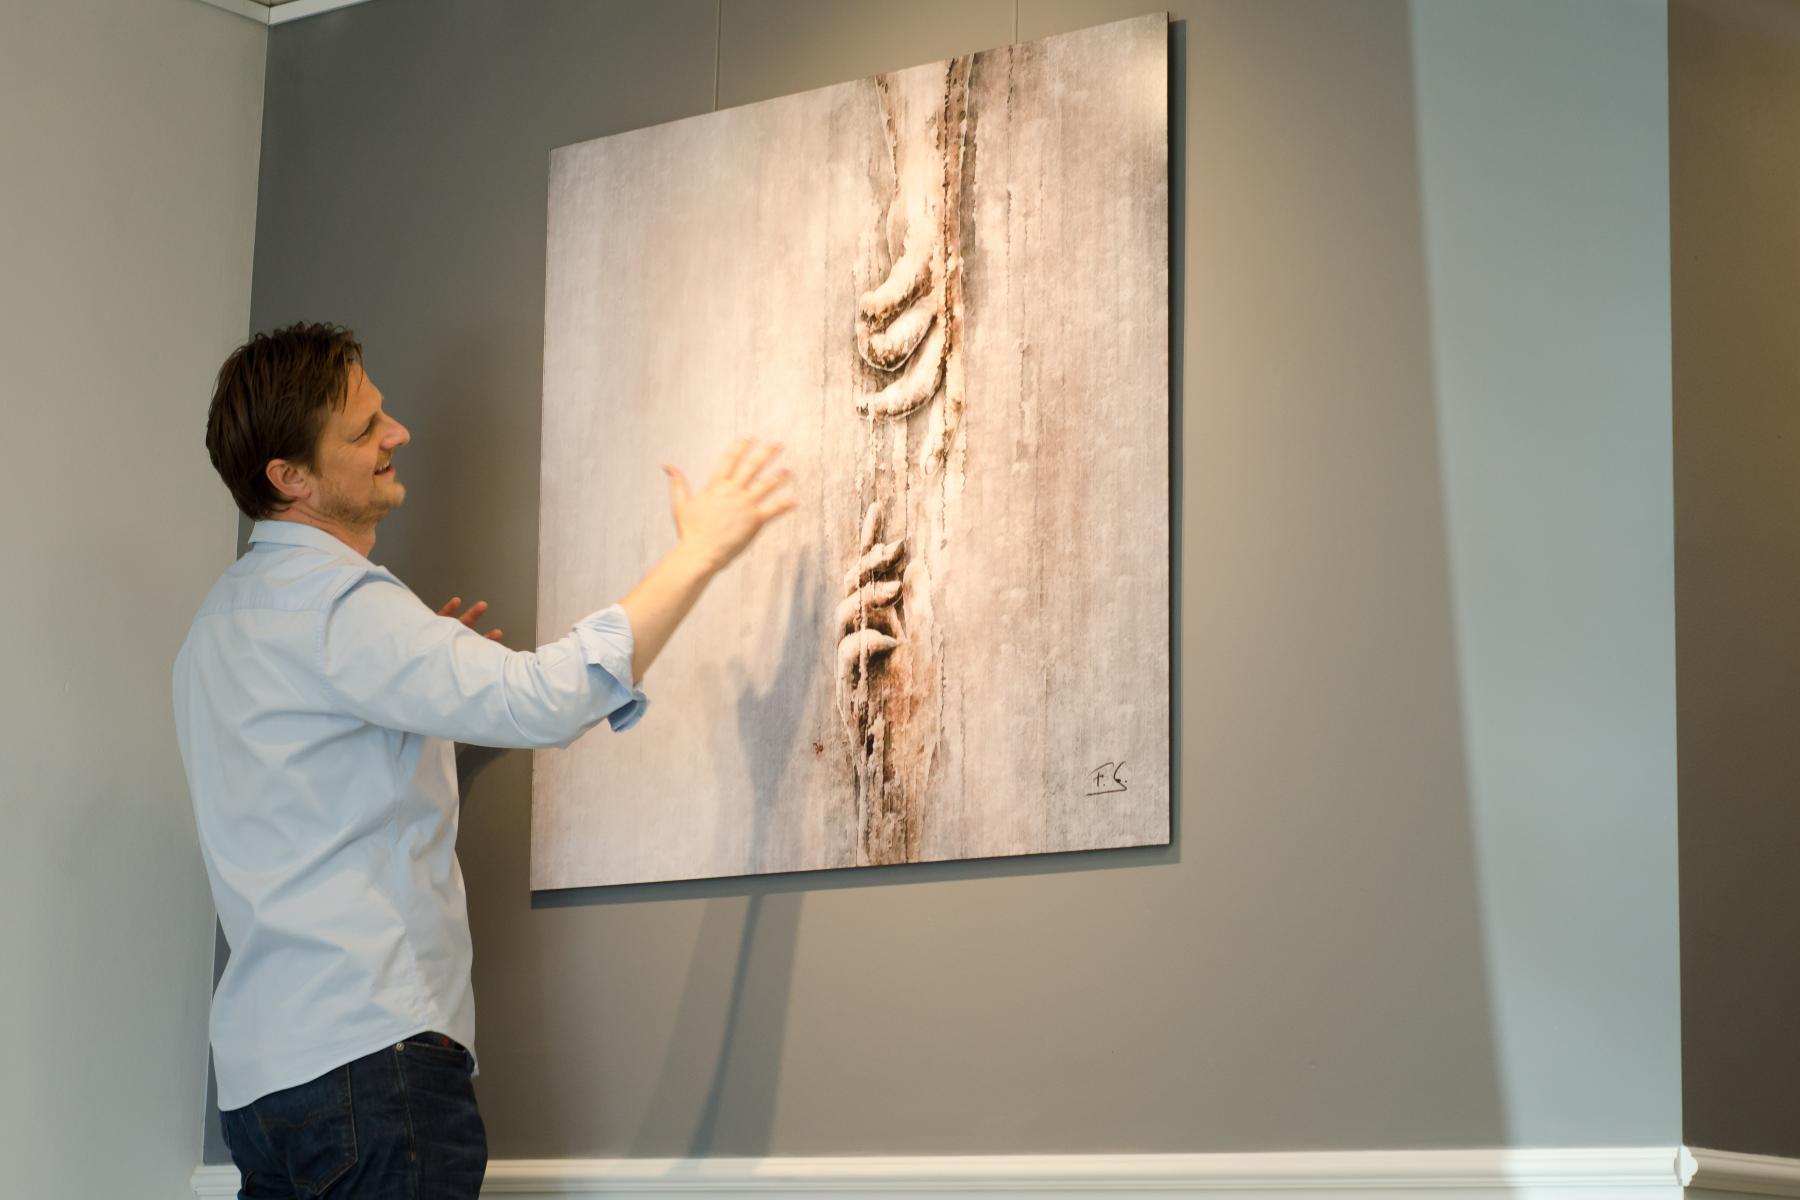 Visit Nieuwpoort - Expositie aan Zee - kunstenaar F.G.